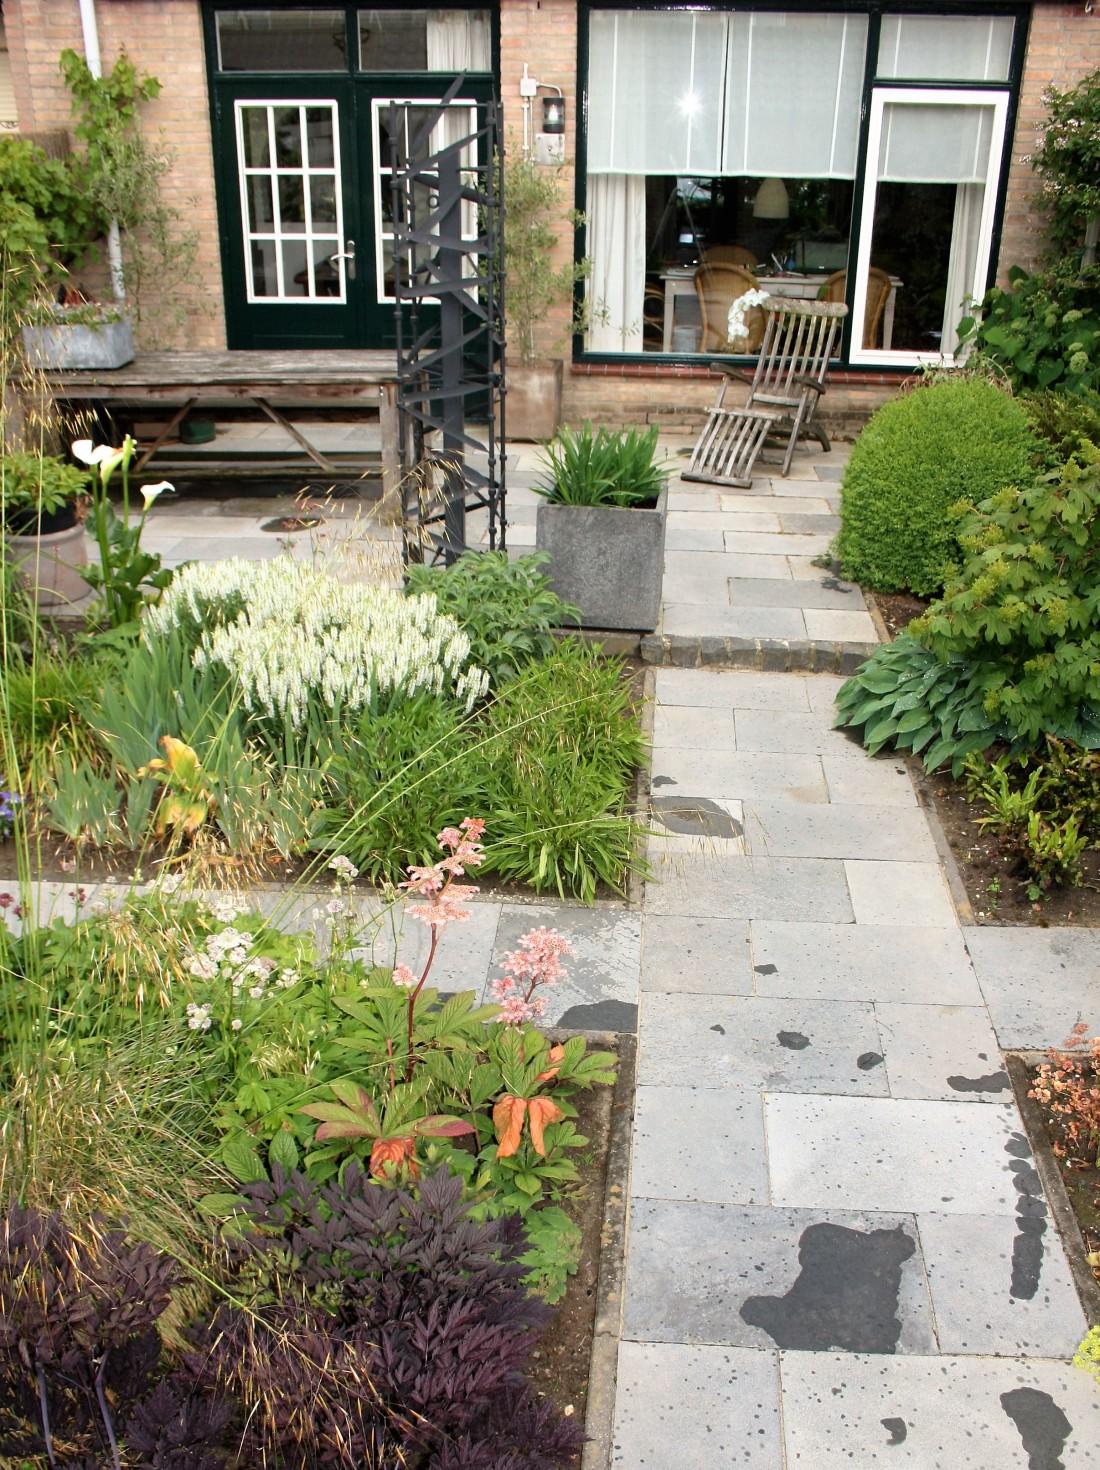 De Buitenkamer tuinontwerp, Grave, weelderige tuin in Grave 4